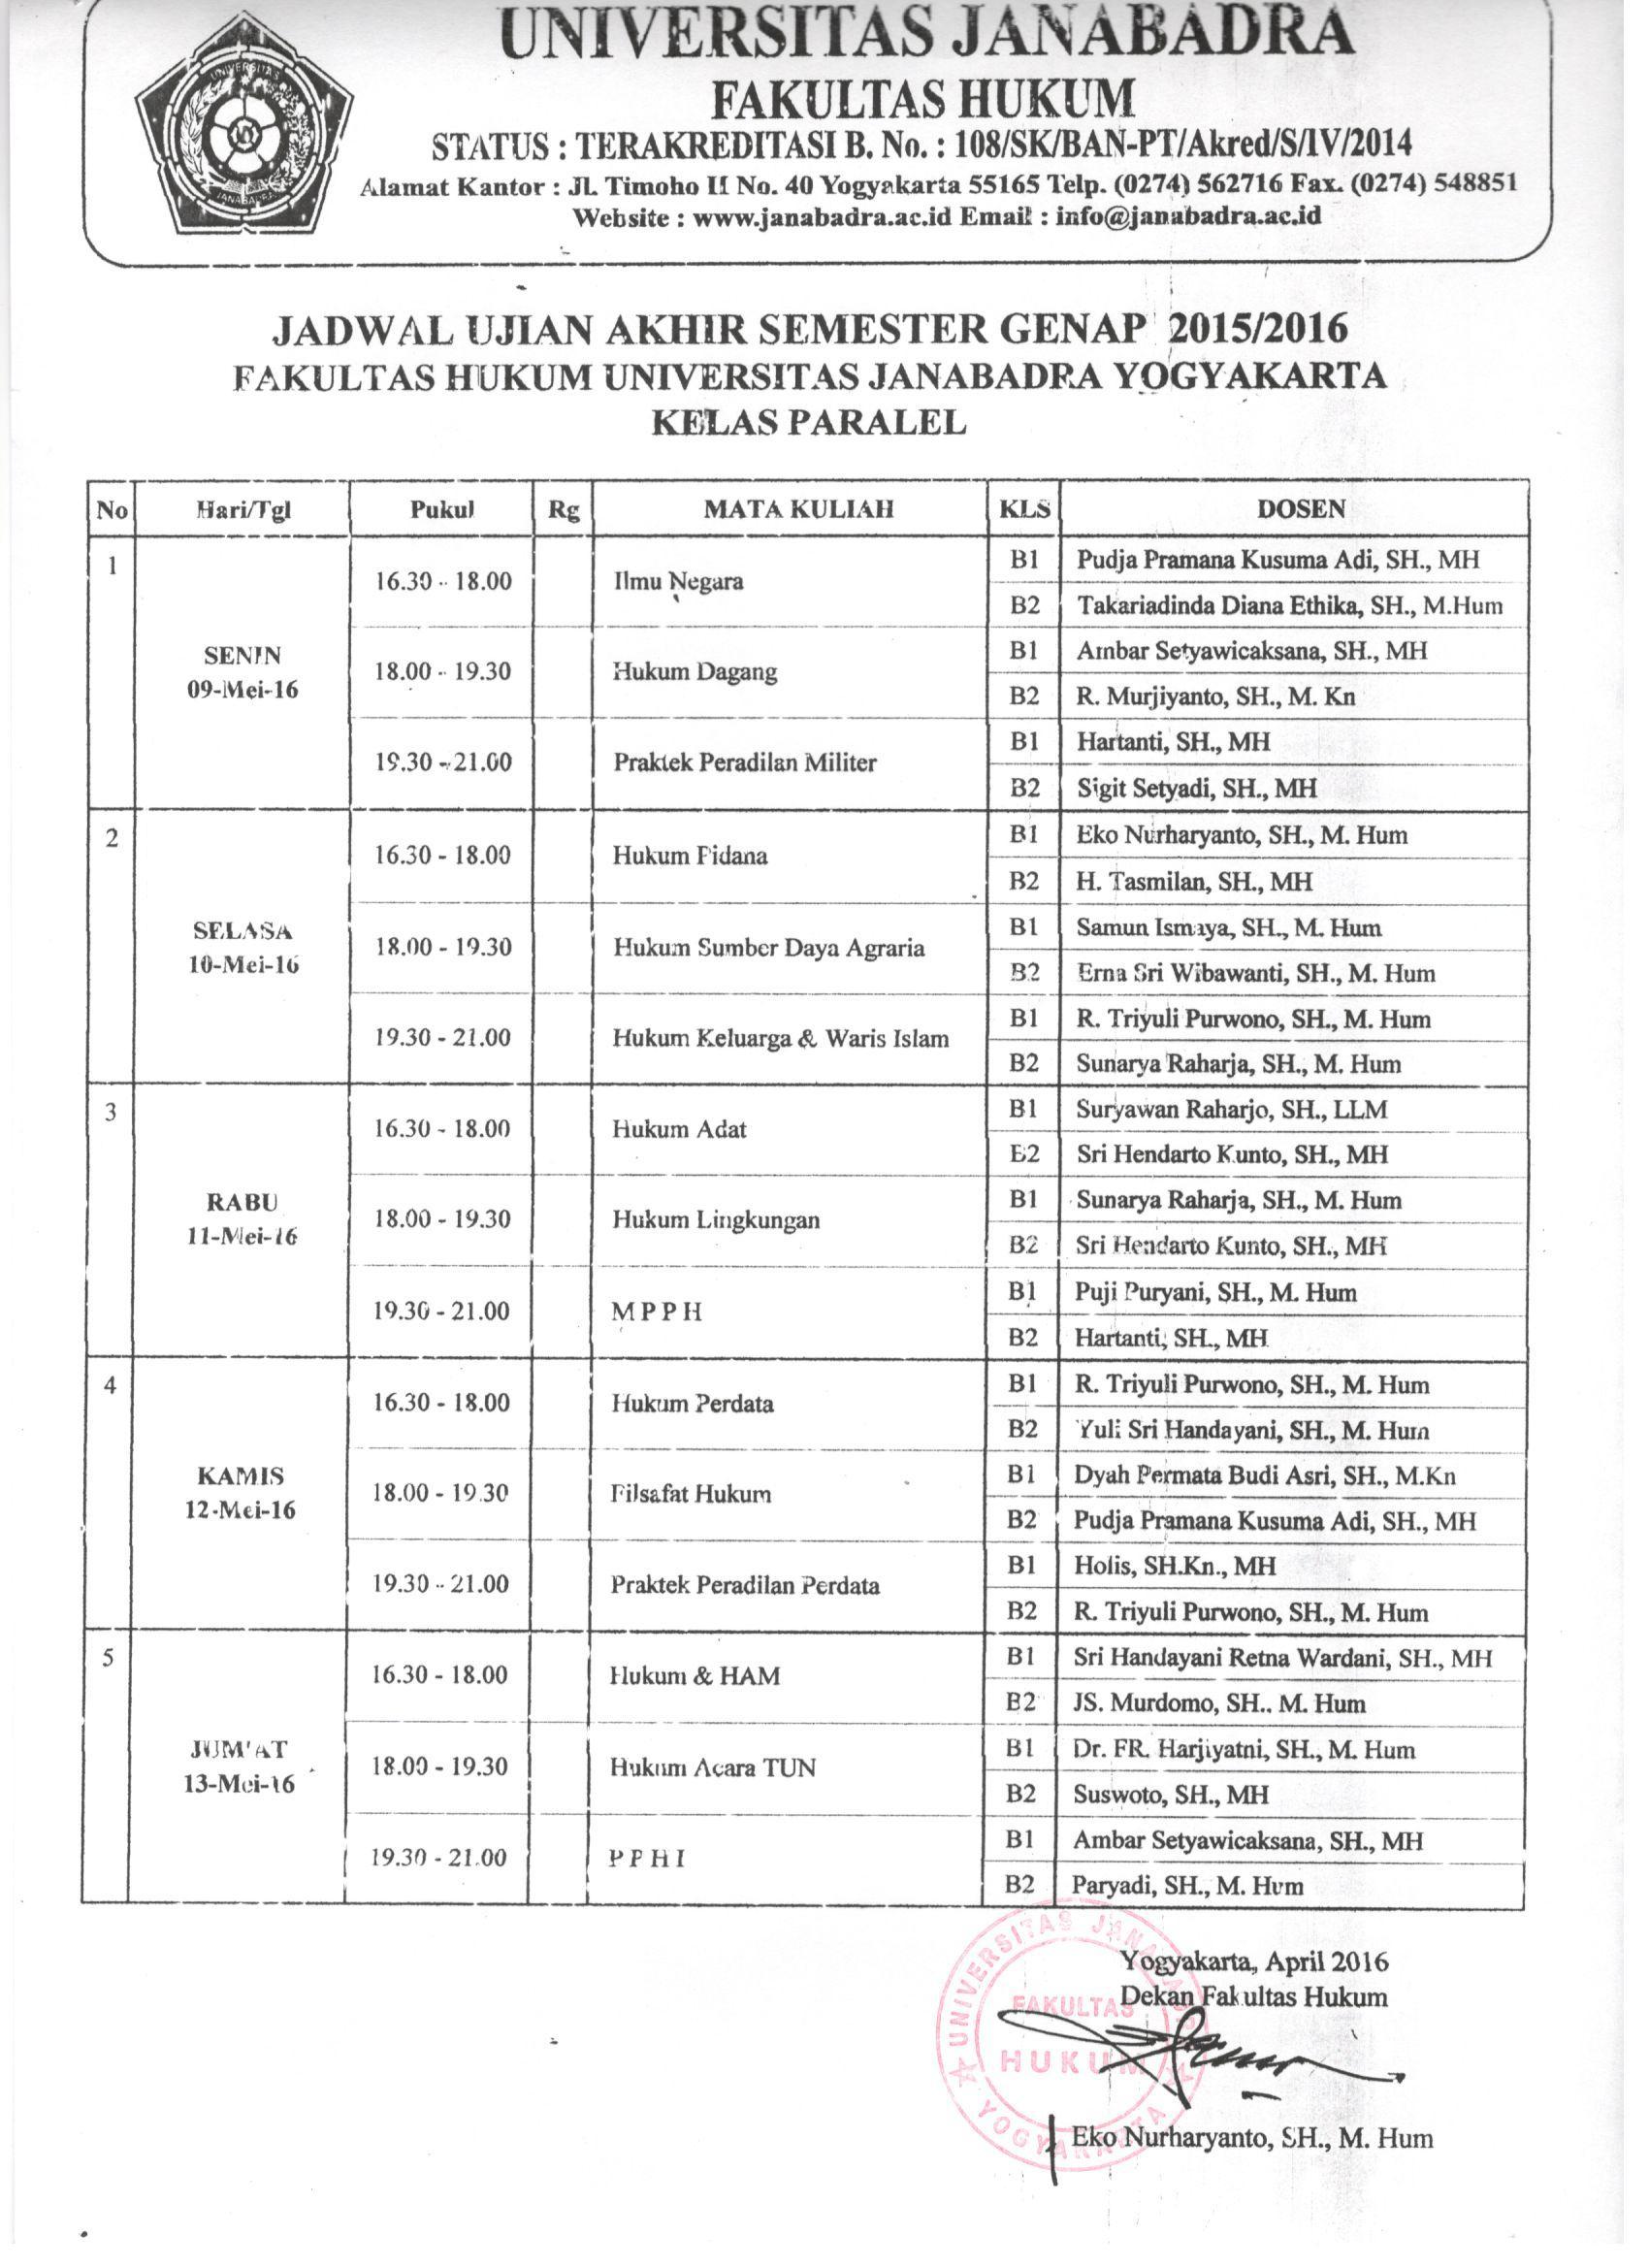 Jadwal ujian Akhir Semester Genap 2015/2016 Kelas Paralel